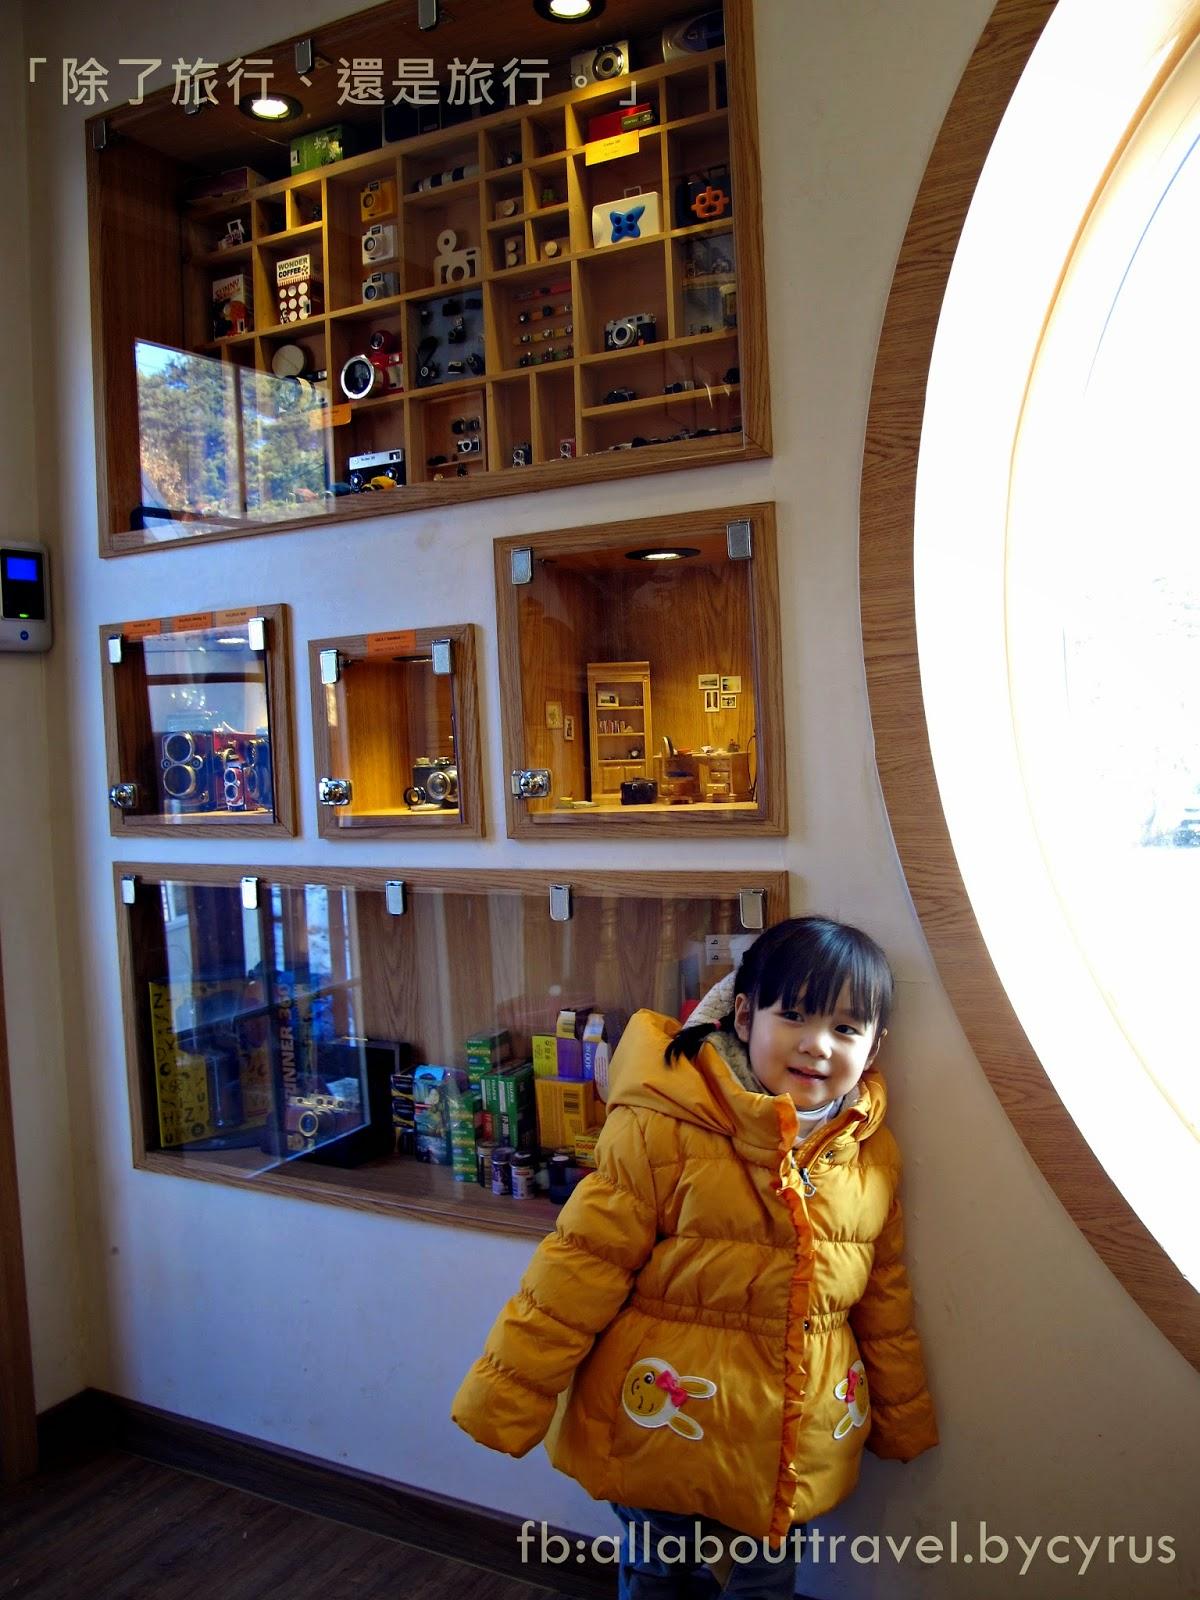 韓國自由行夢想之旅10